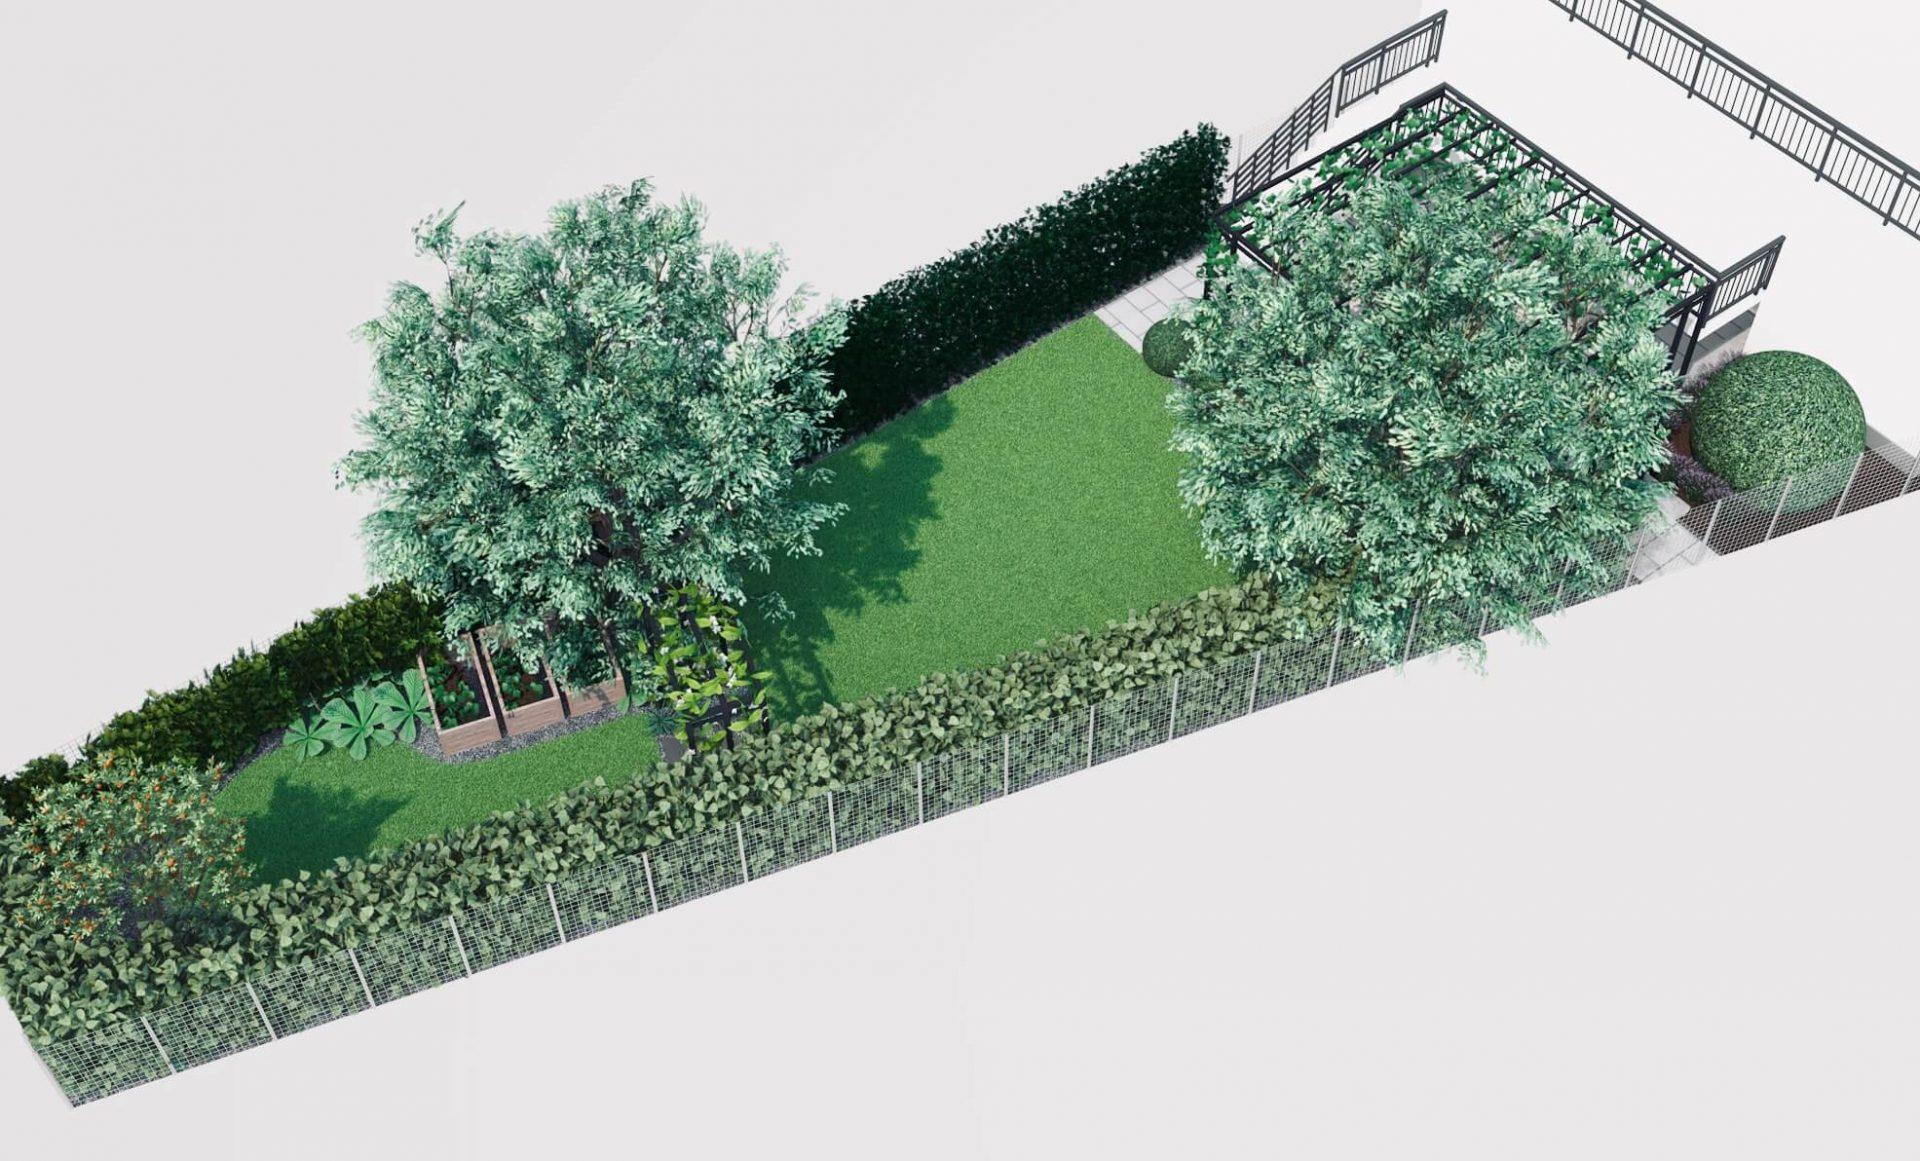 Dwa trawniki, warzywa w skrzyniach, żywopłoty, wizualizacja ogrodu w mieście